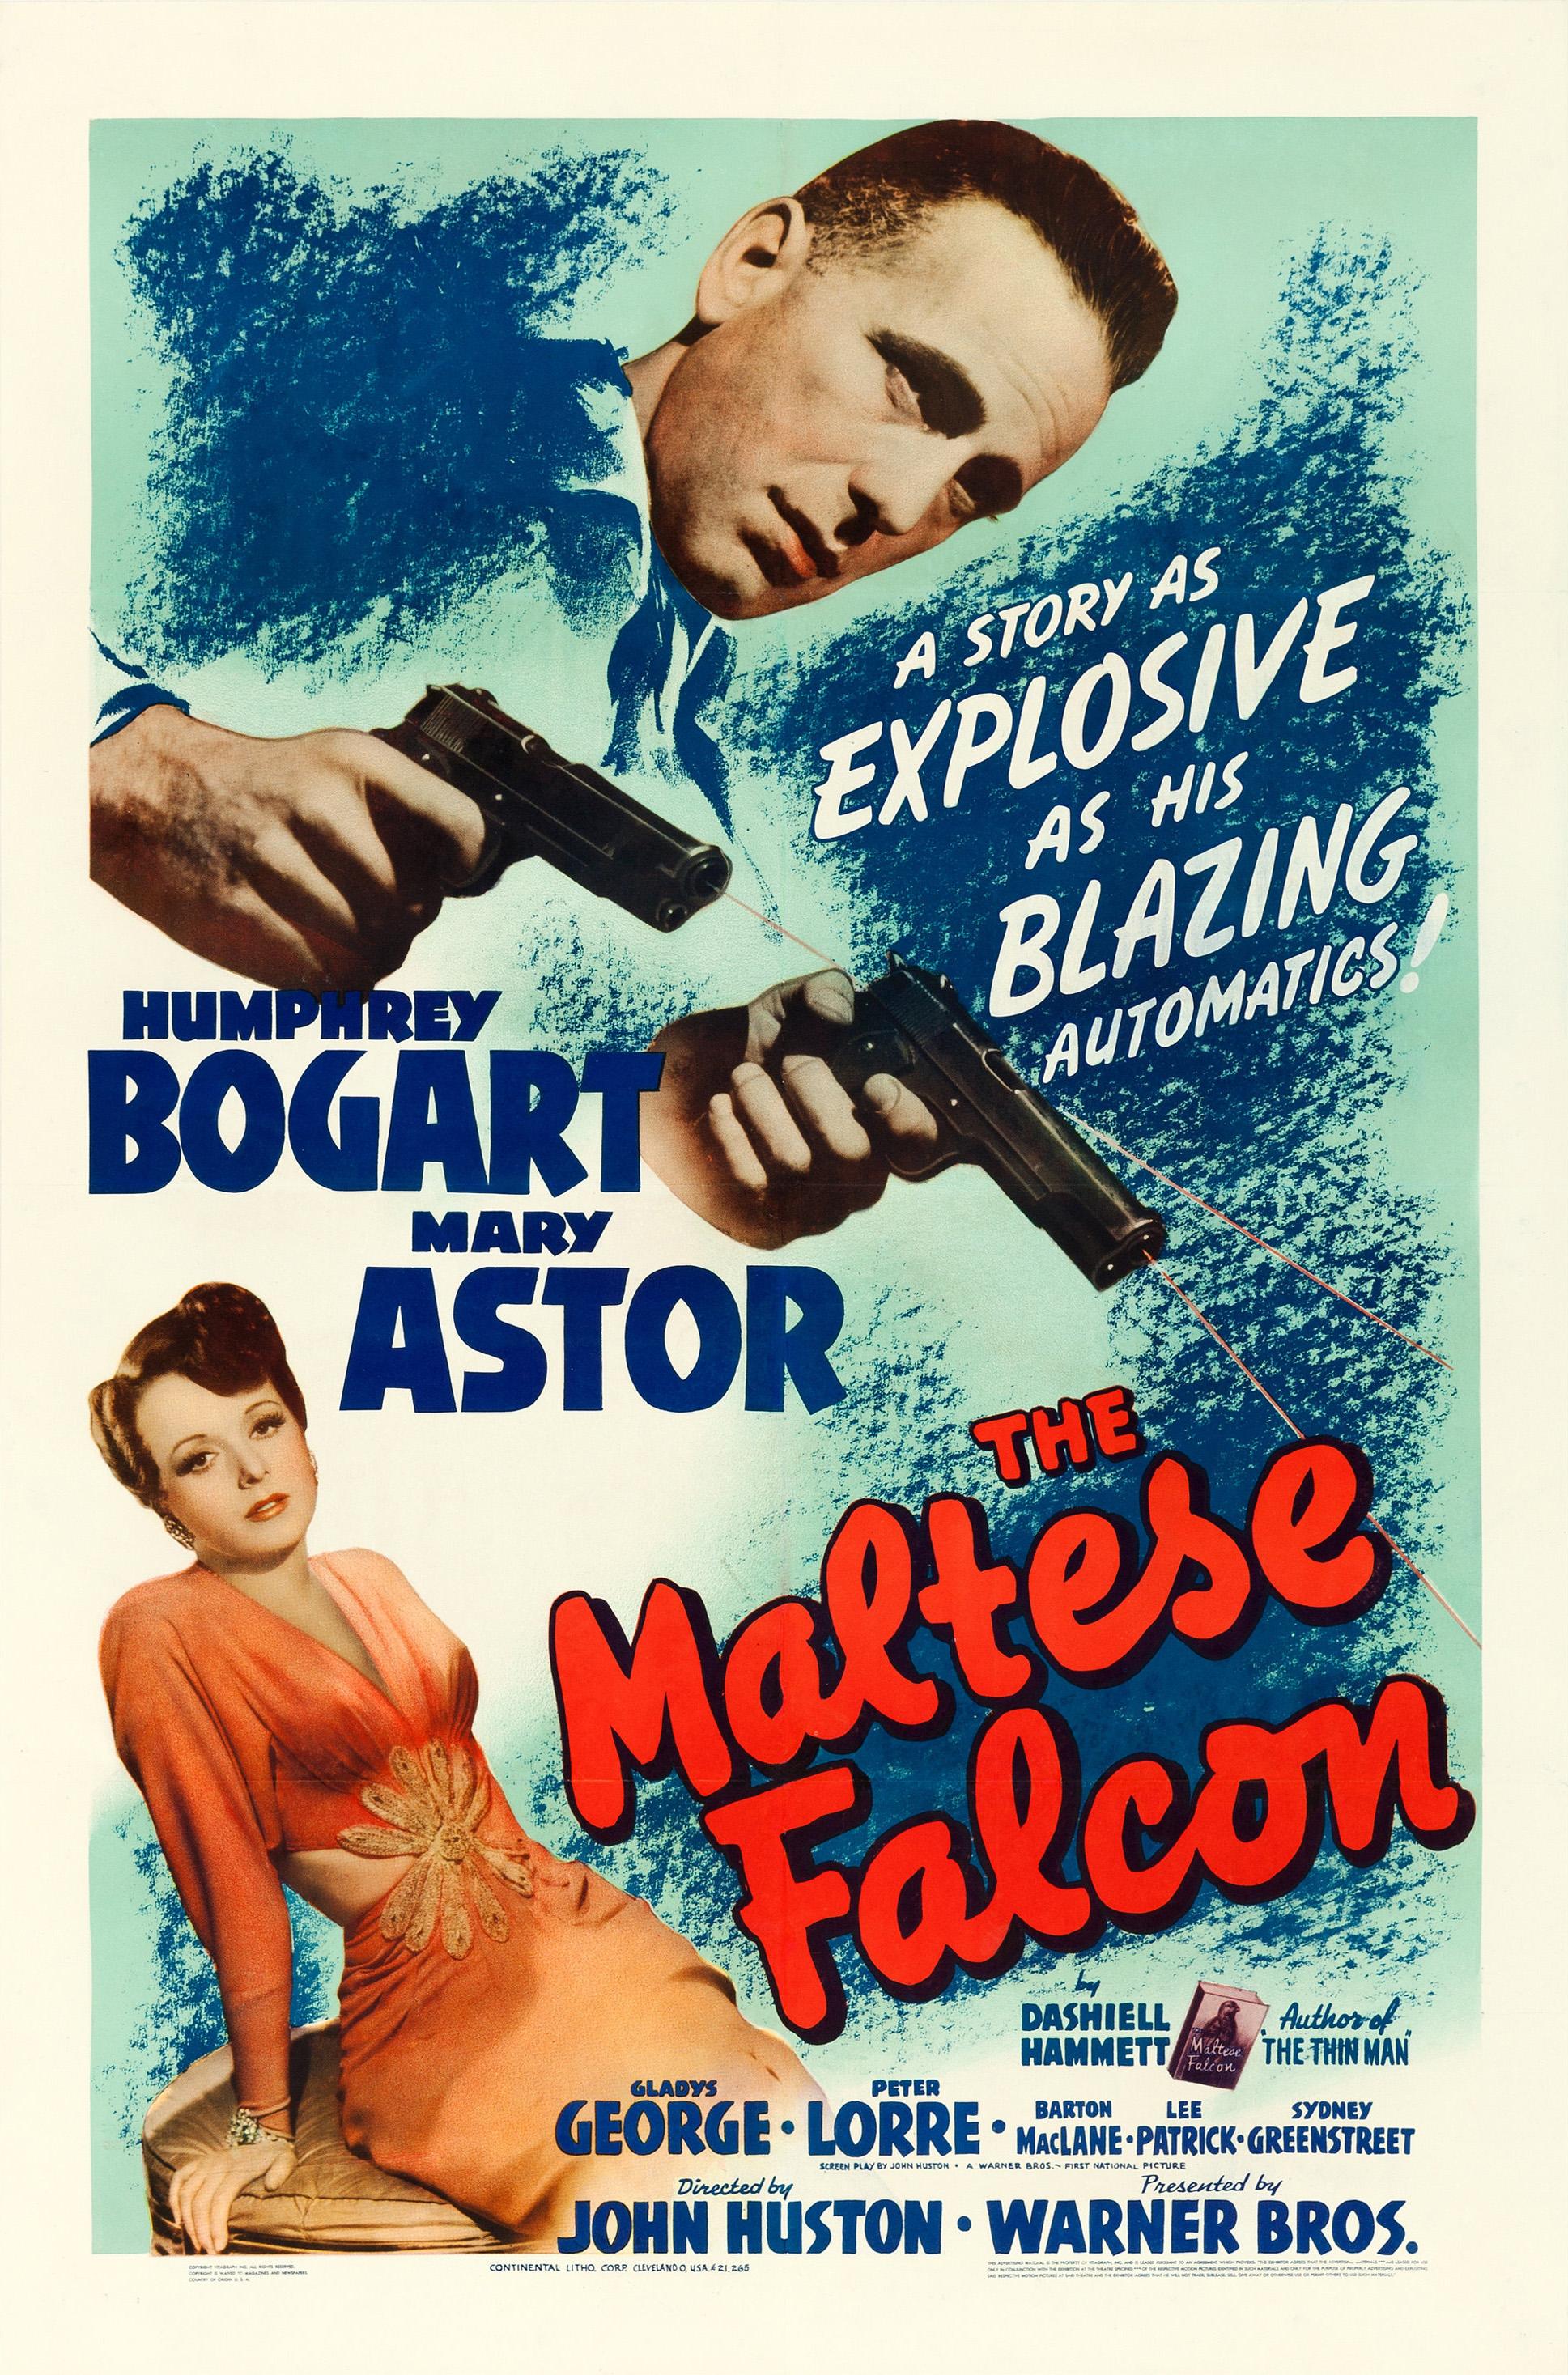 The Maltese Falcon (1941 film)